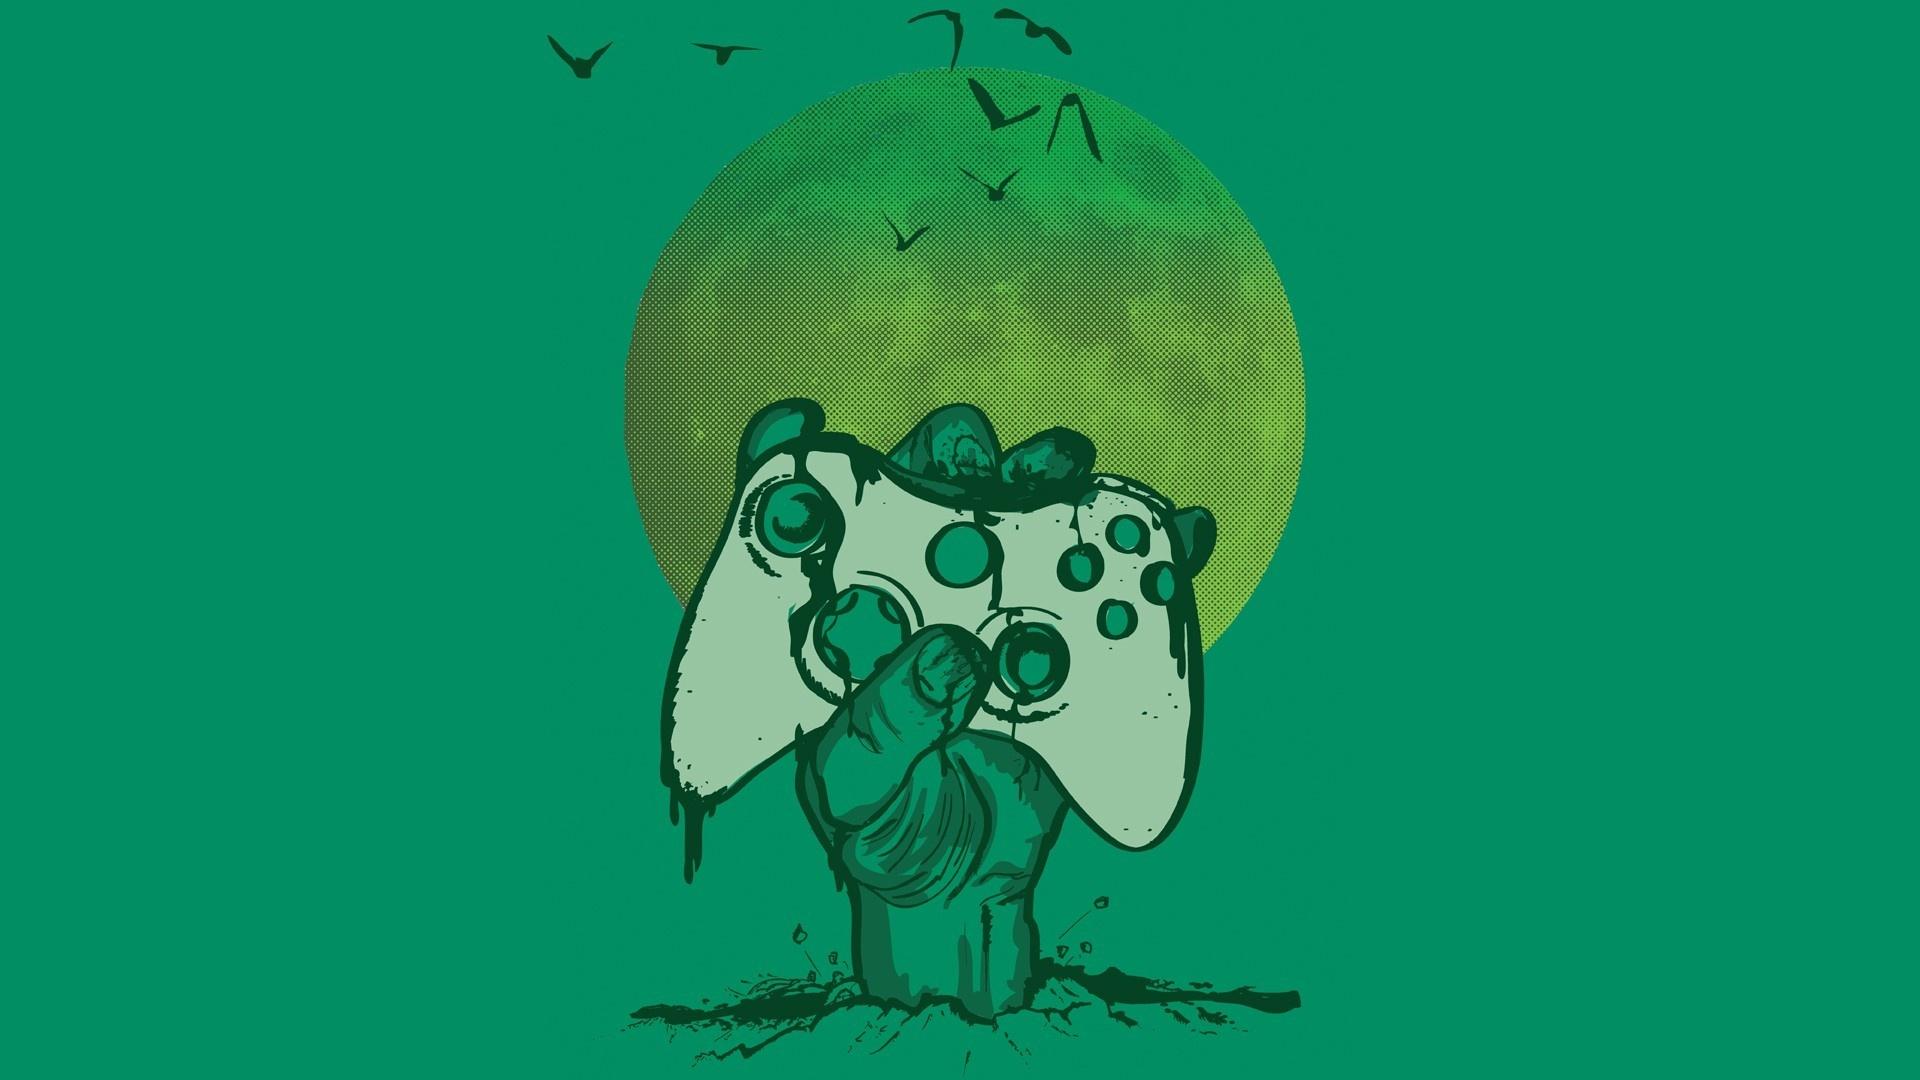 19 августа пройдёт специальный Inside Xbox на gamescom 2019